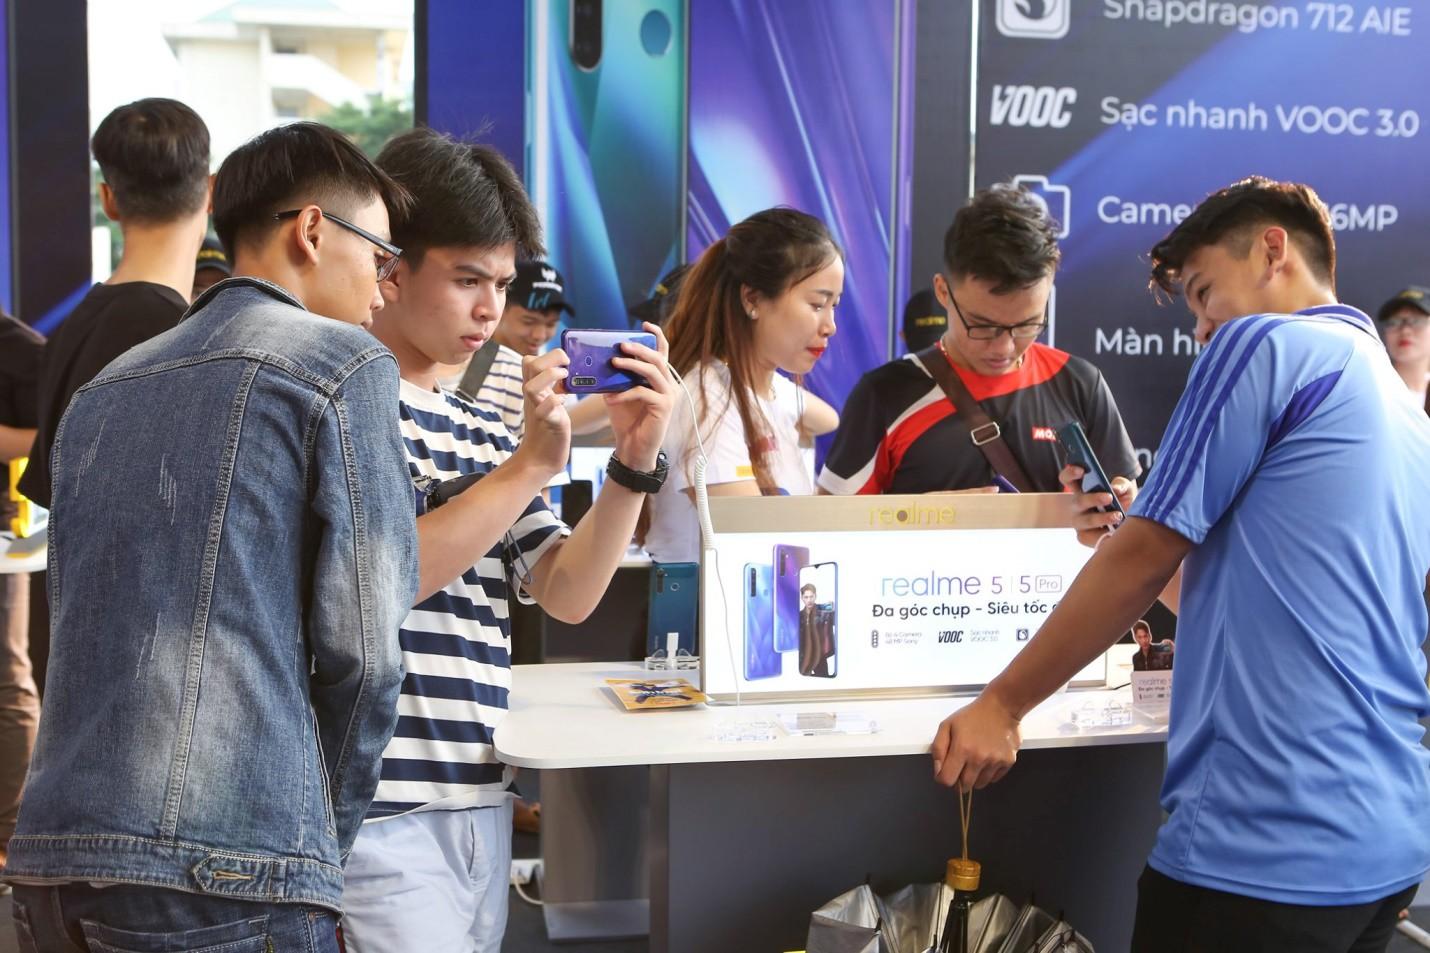 """Thấy gì từ thành công của Realme - Thương hiệu điện thoại mới nhưng đã sớm có chất""""! - Ảnh 4."""